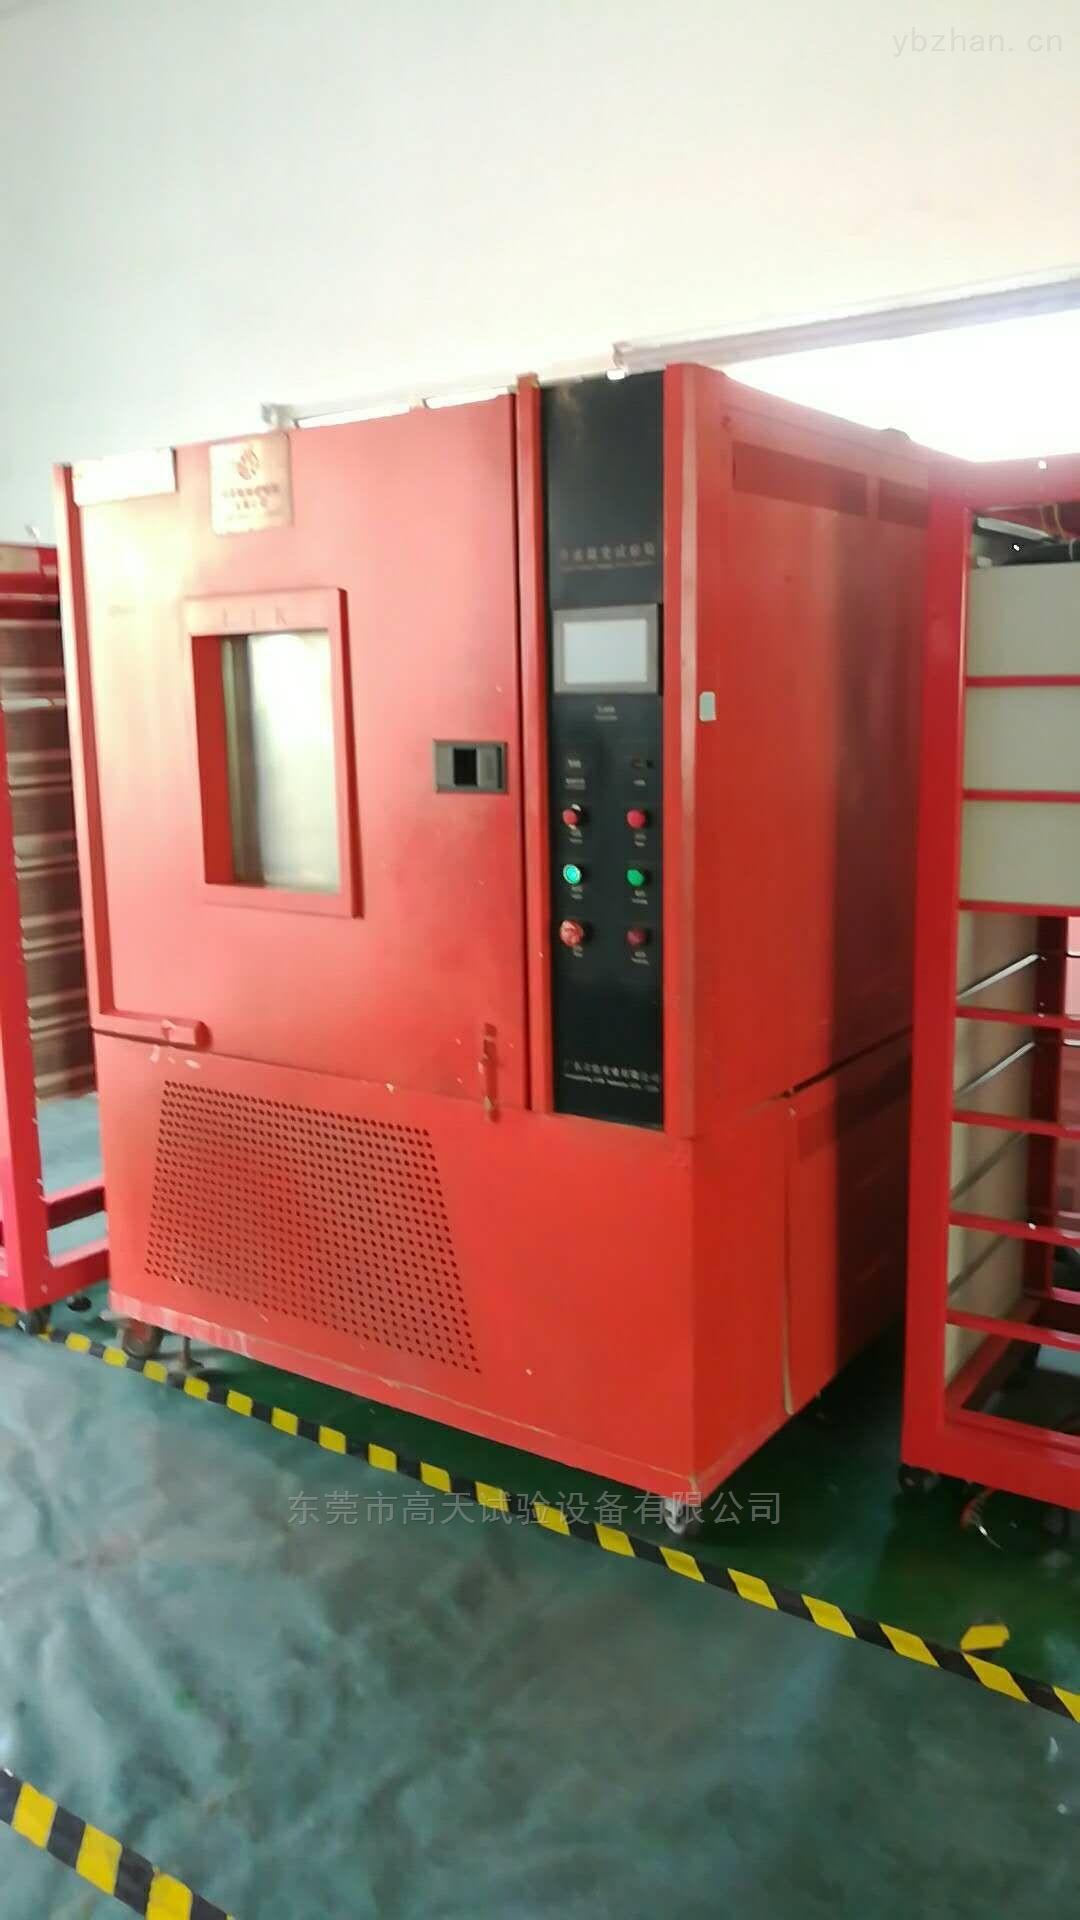 高天GT-TH-S-150恒温恒湿试验箱